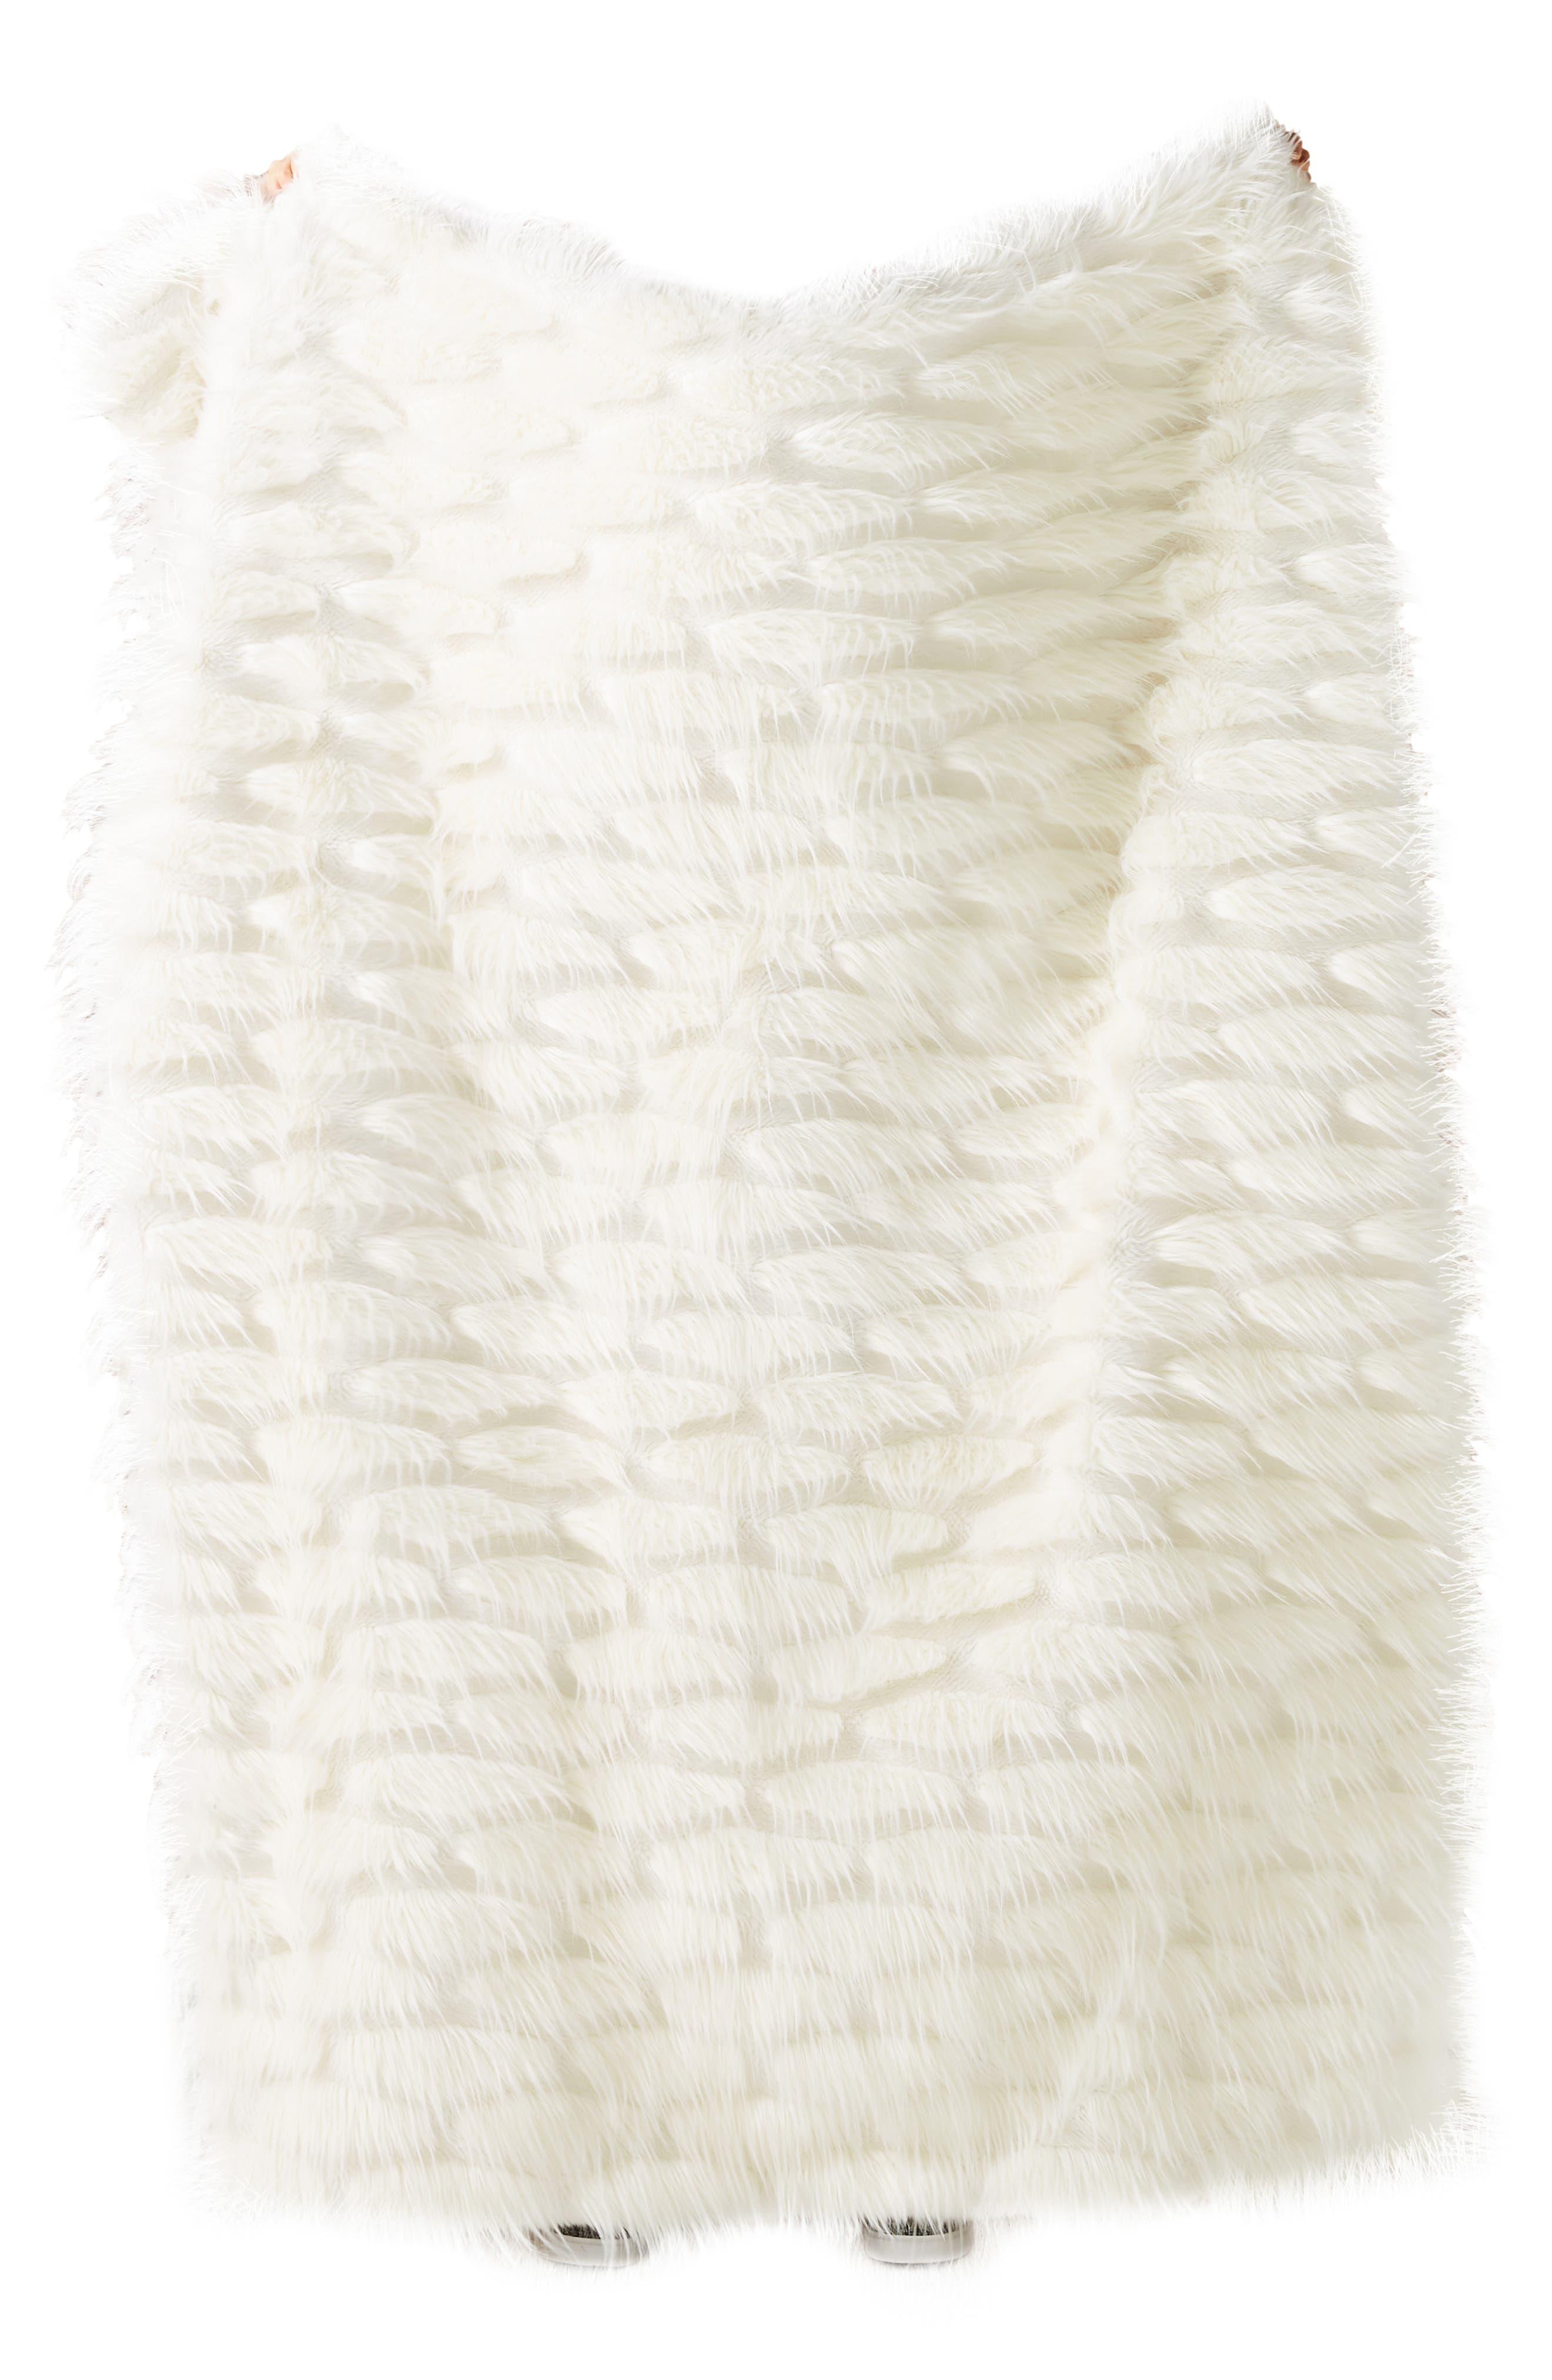 ANTHROPOLOGIE,                             Faux Fur Throw Blanket,                             Alternate thumbnail 3, color,                             WHITE